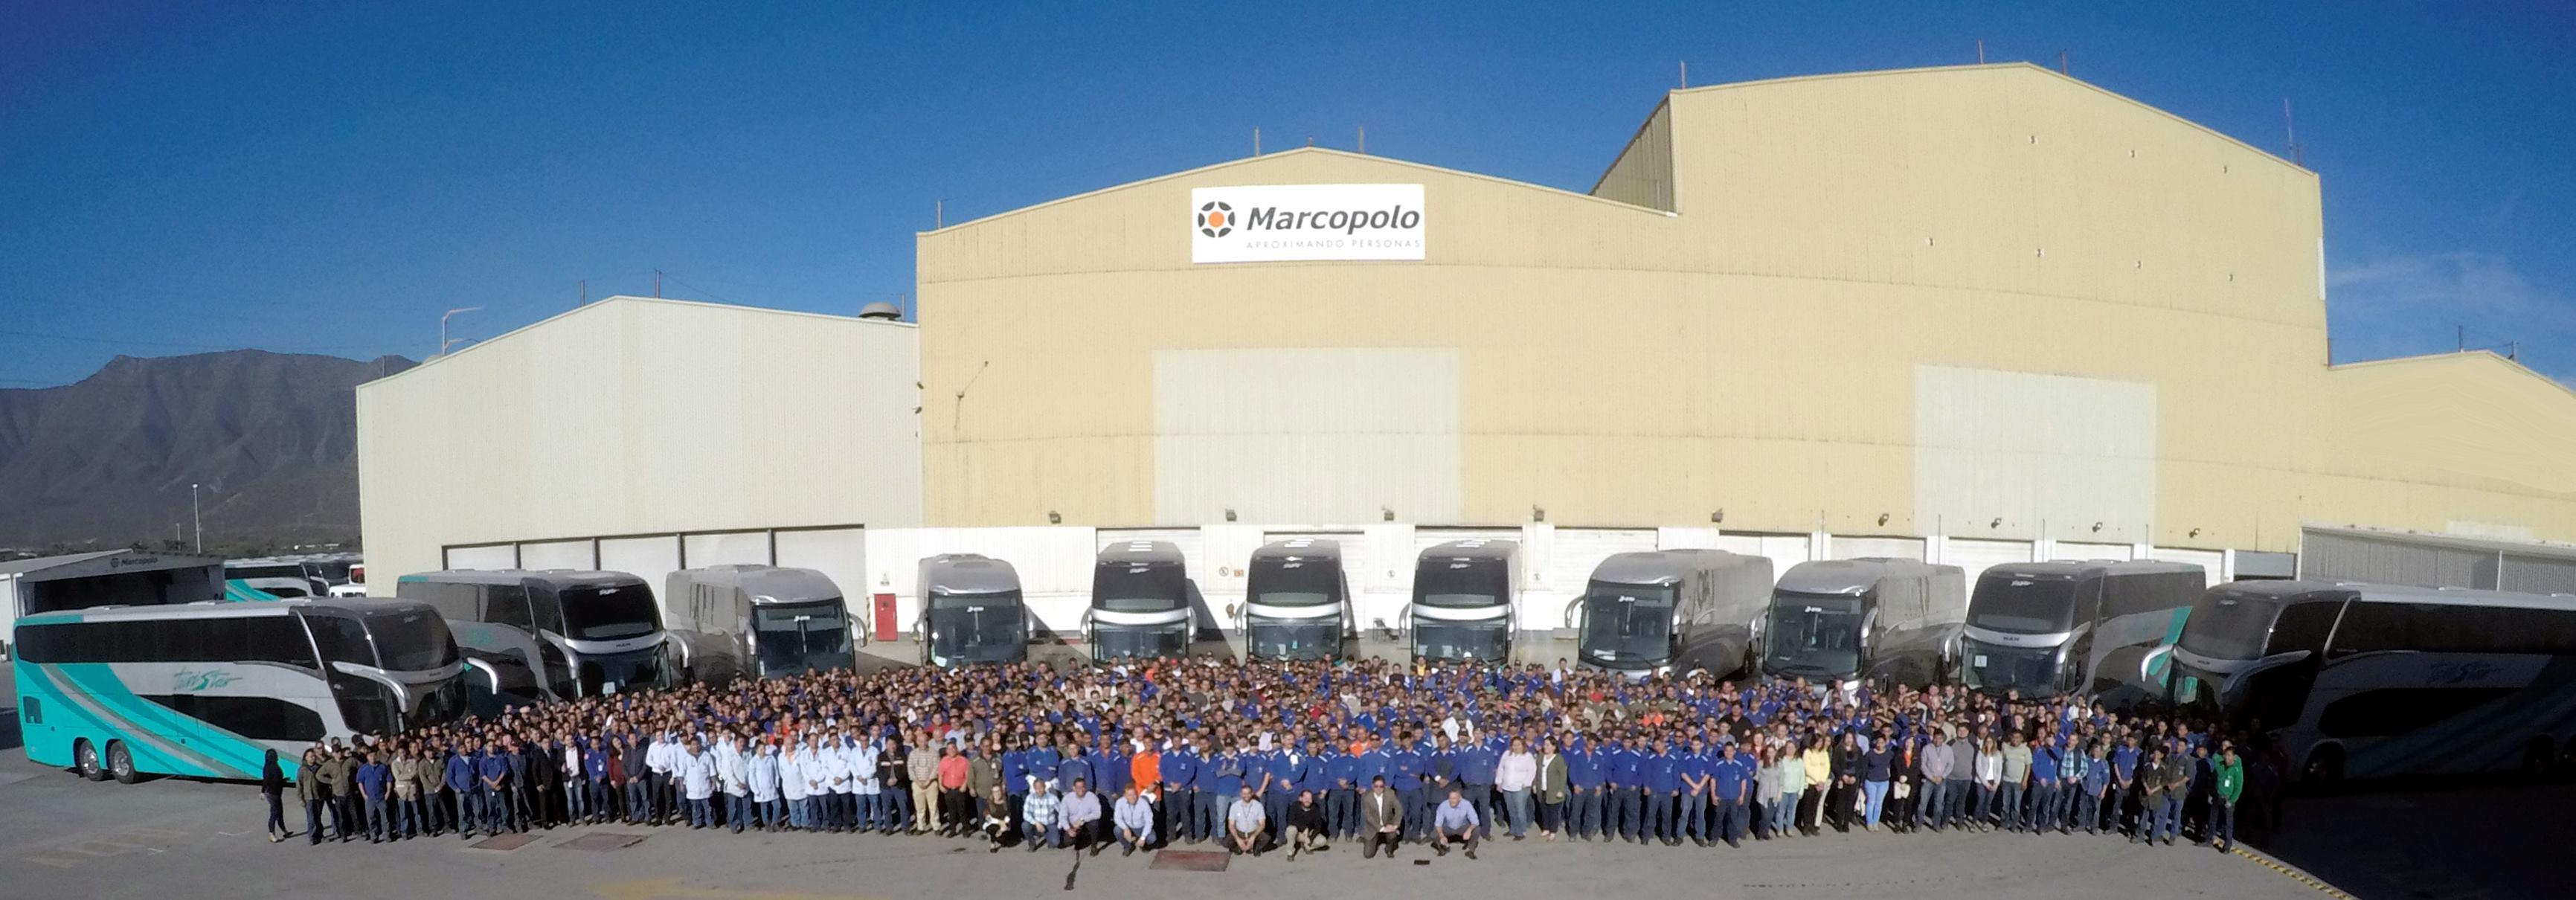 Marcopolo, con grandes retos en 2019